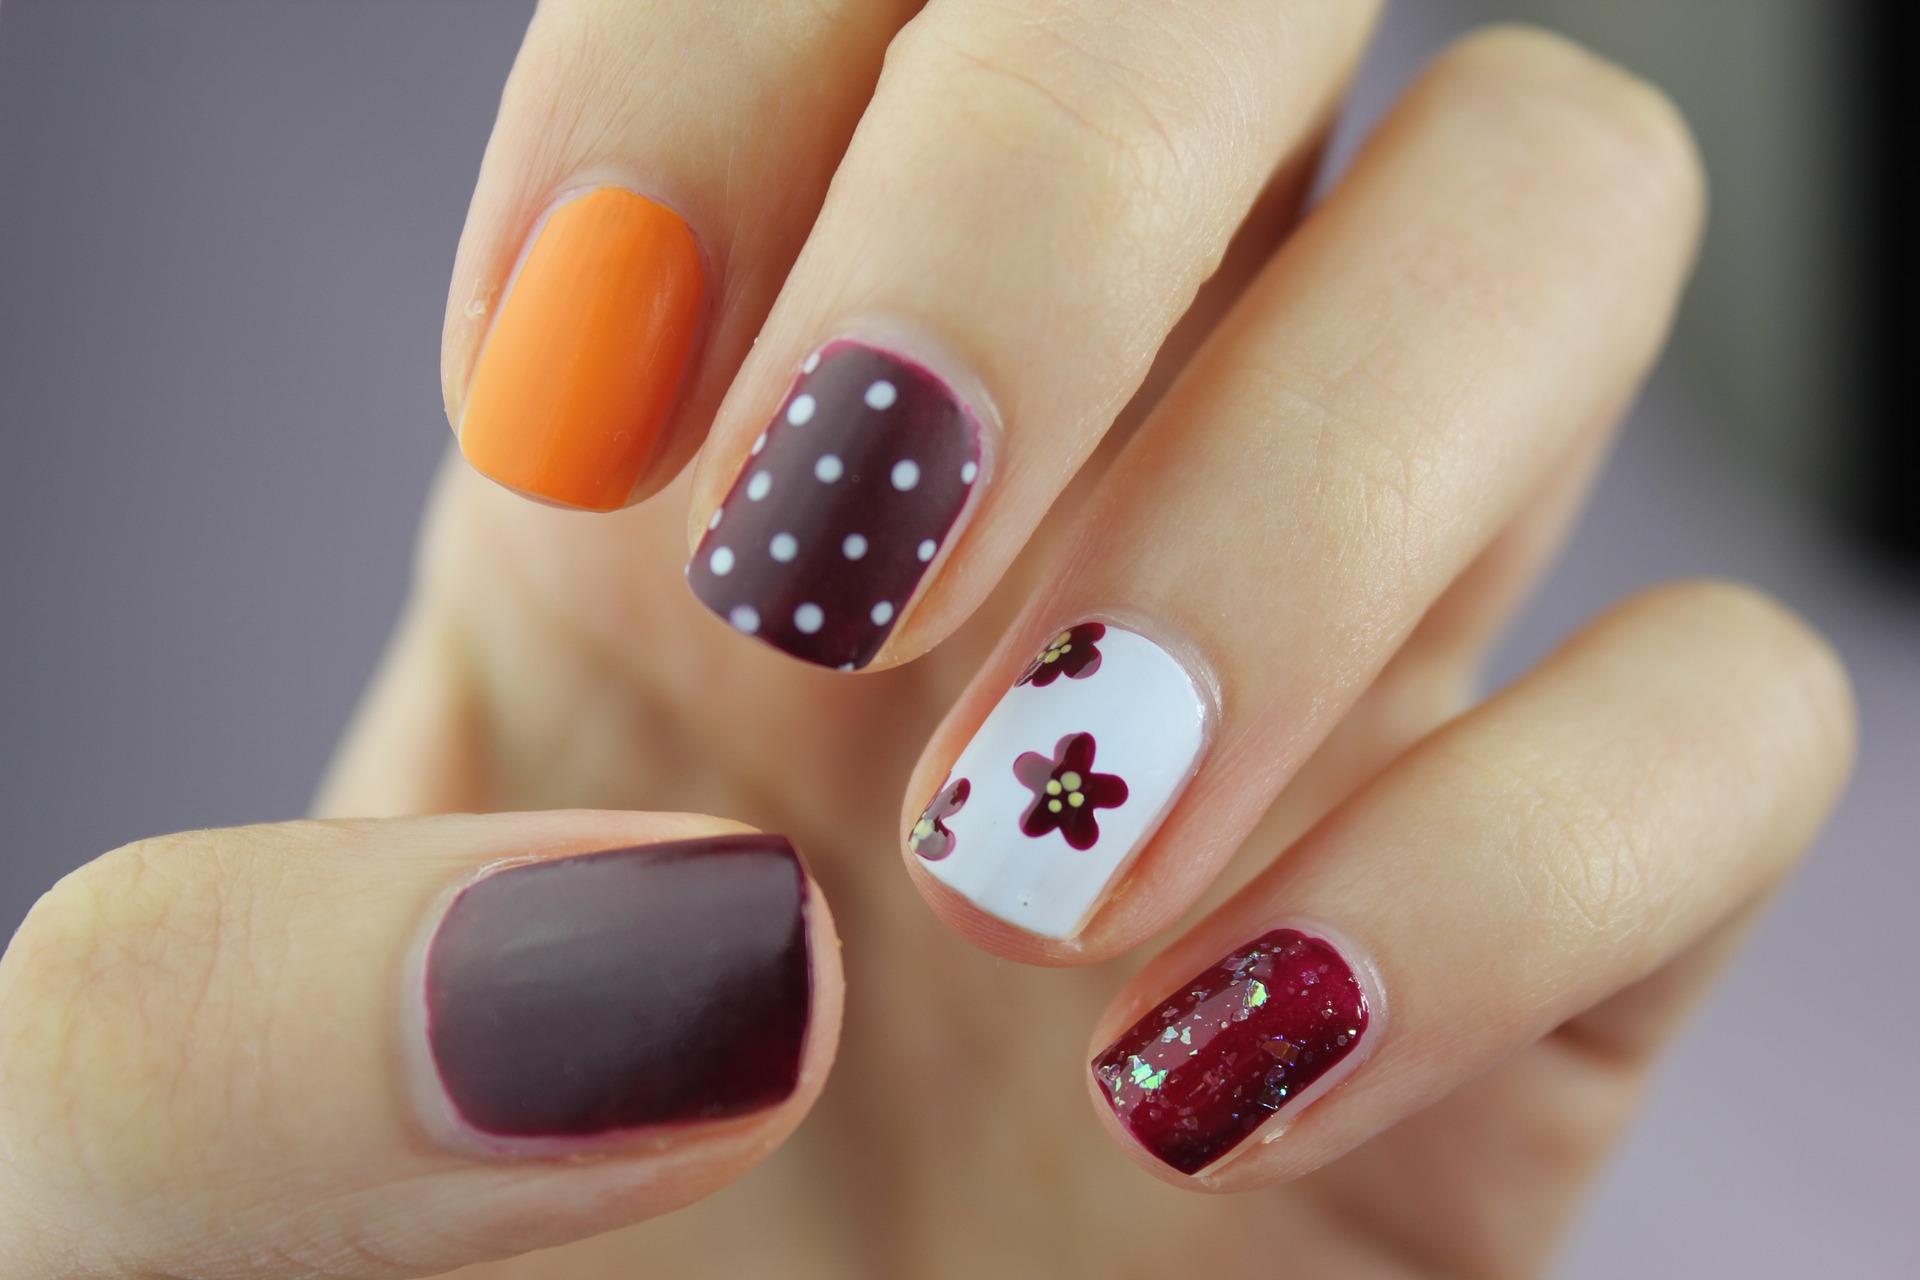 Cómo tener las uñas largas en 3 días - Innatia.com